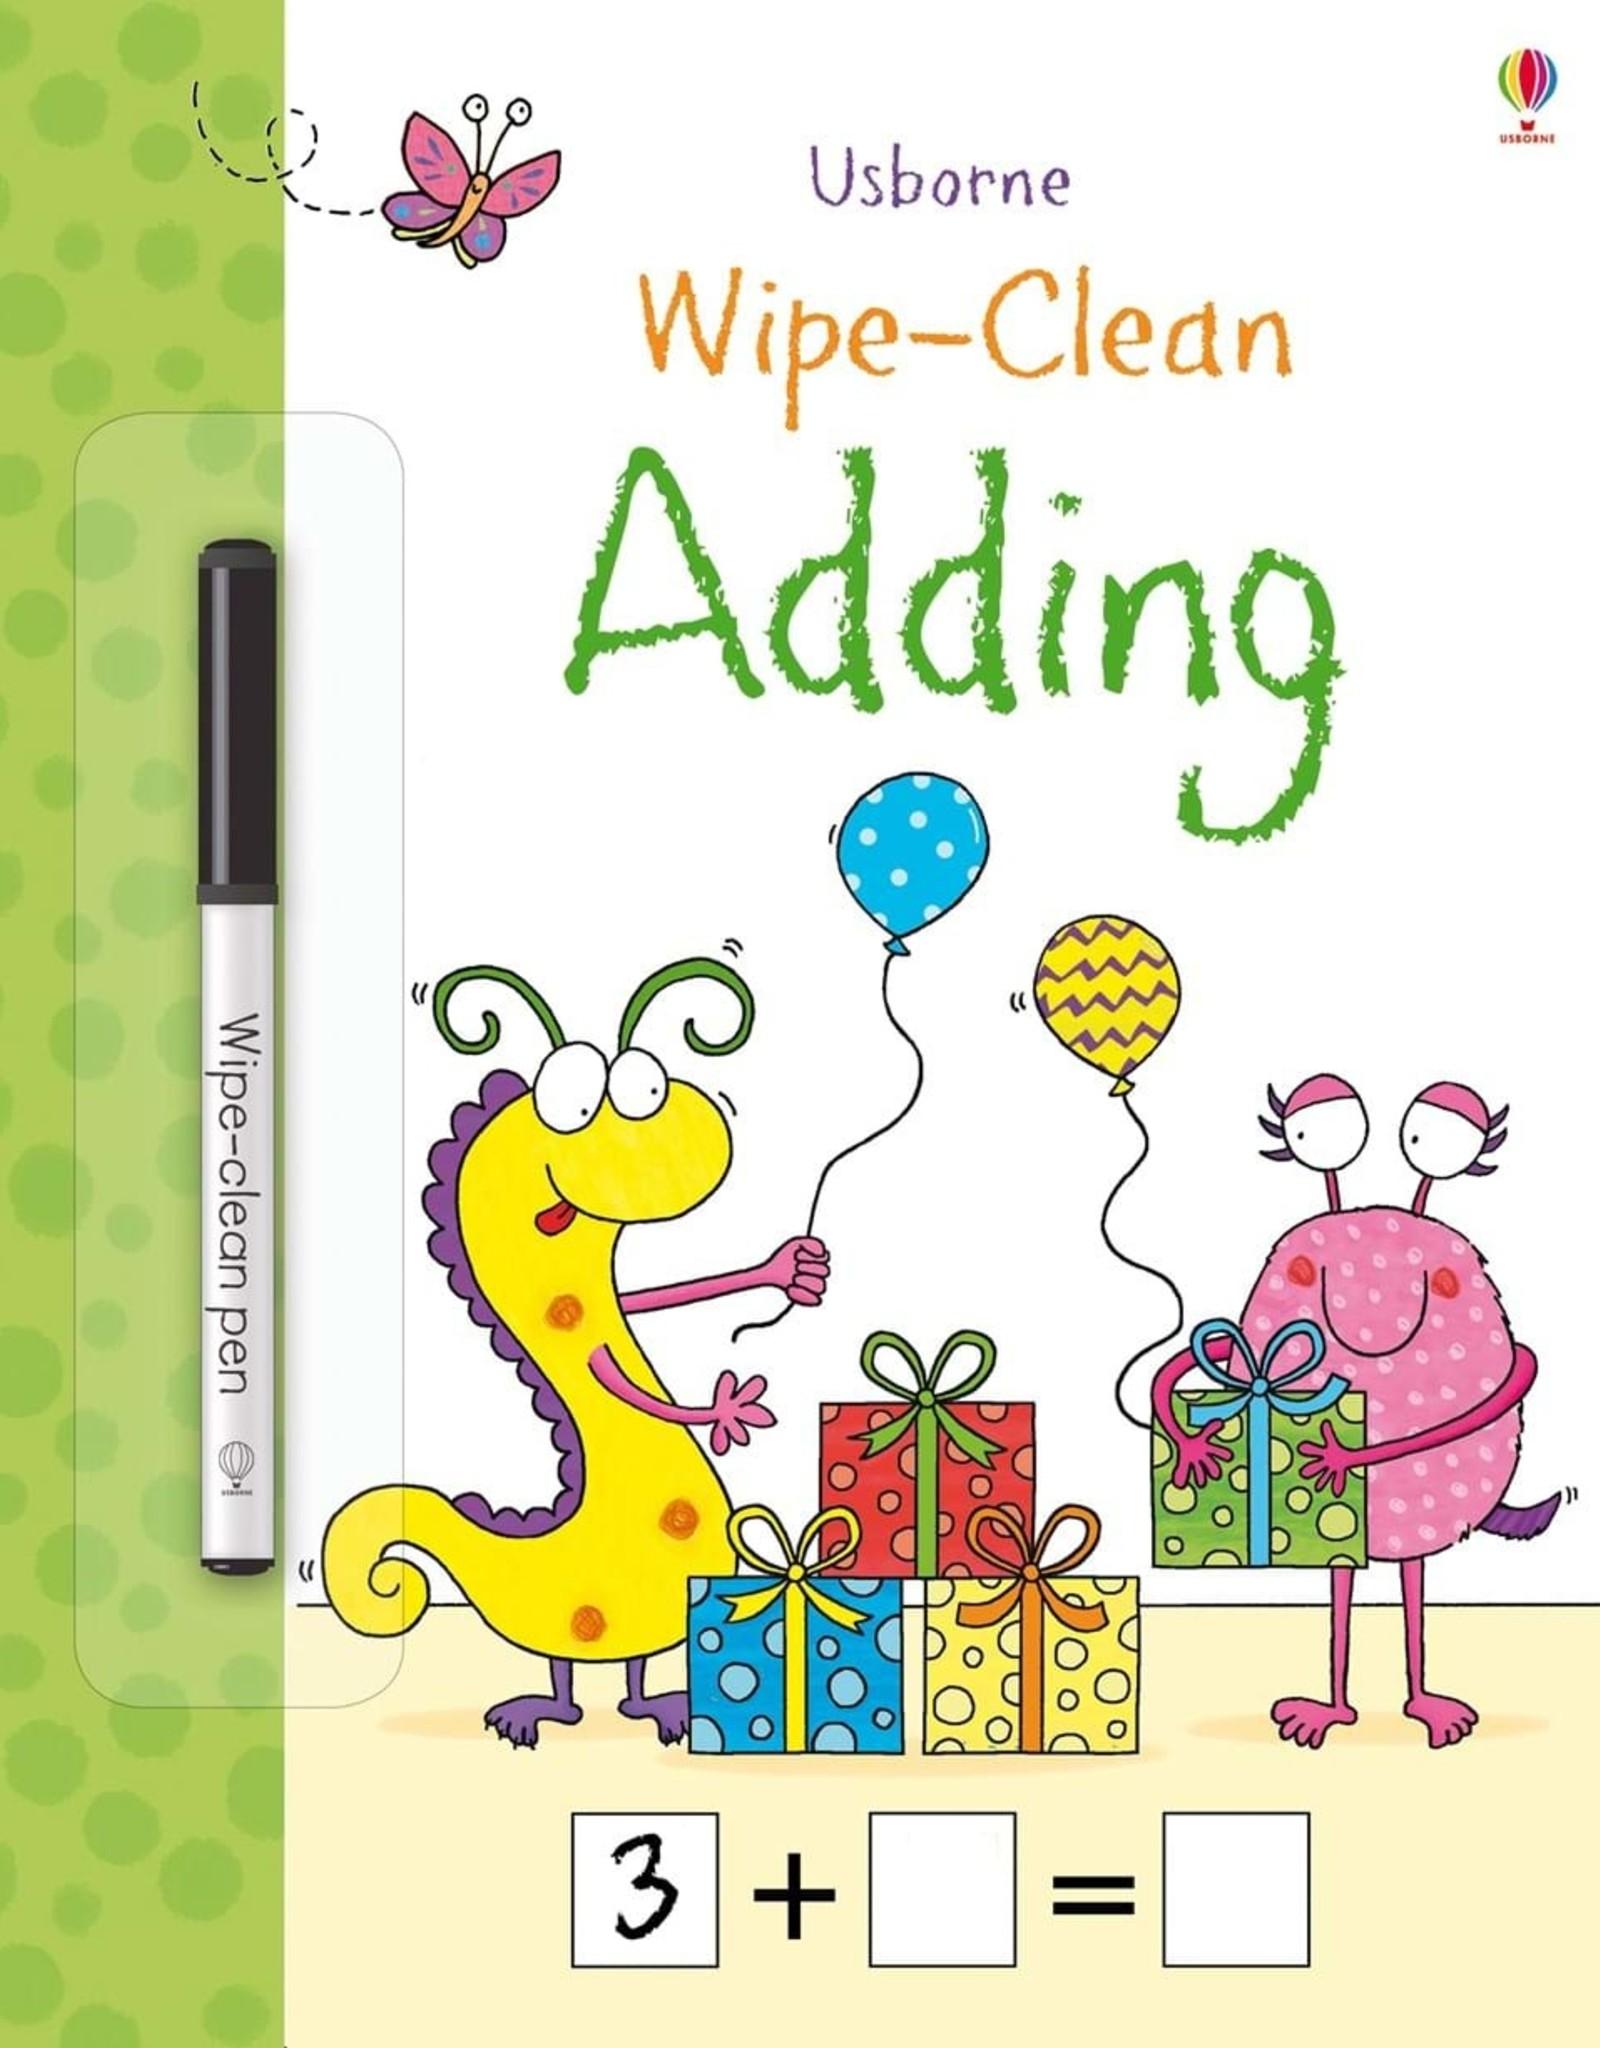 Usborne Usborne Wipe-Clean Adding